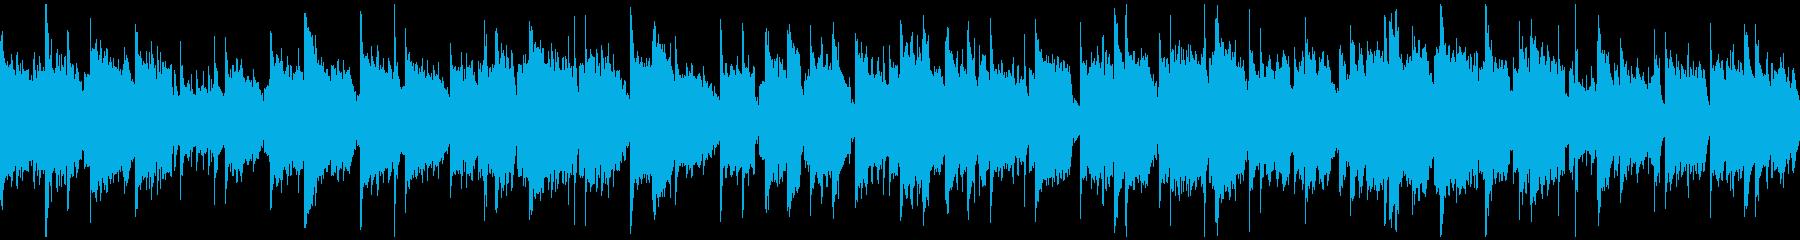 ノスタルジックな笛の癒し系の曲※ループ版の再生済みの波形